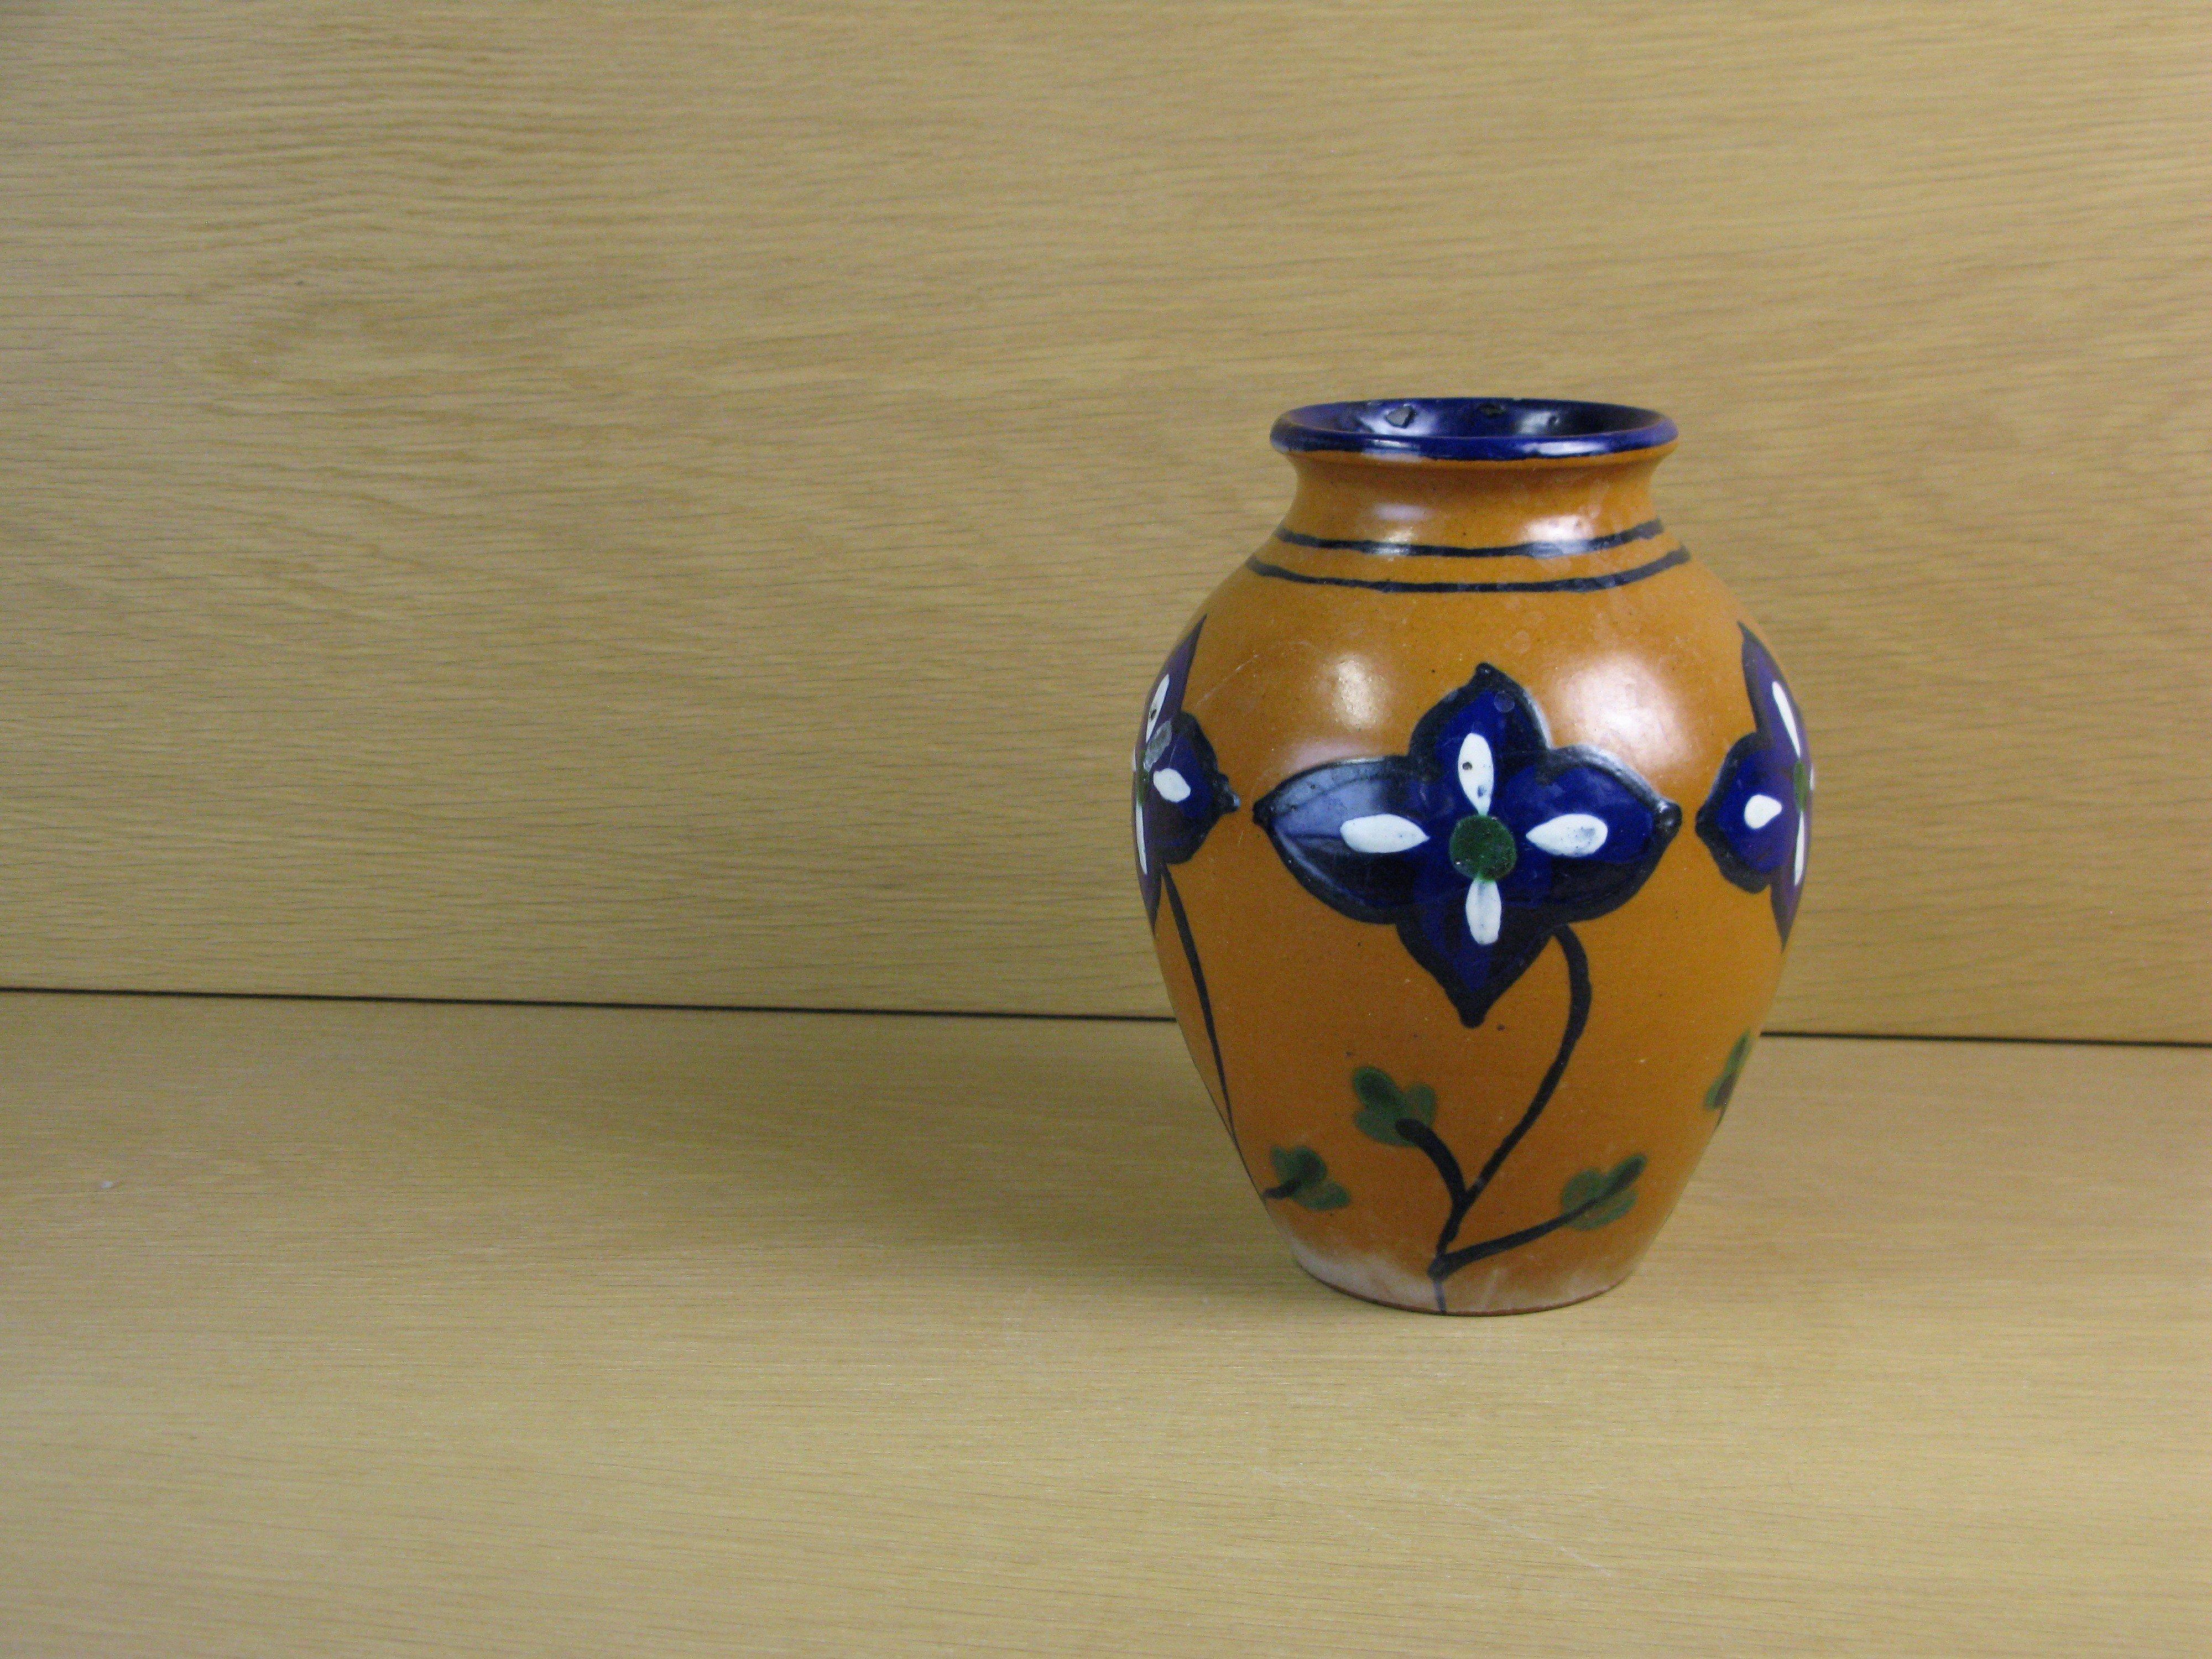 vase 1098